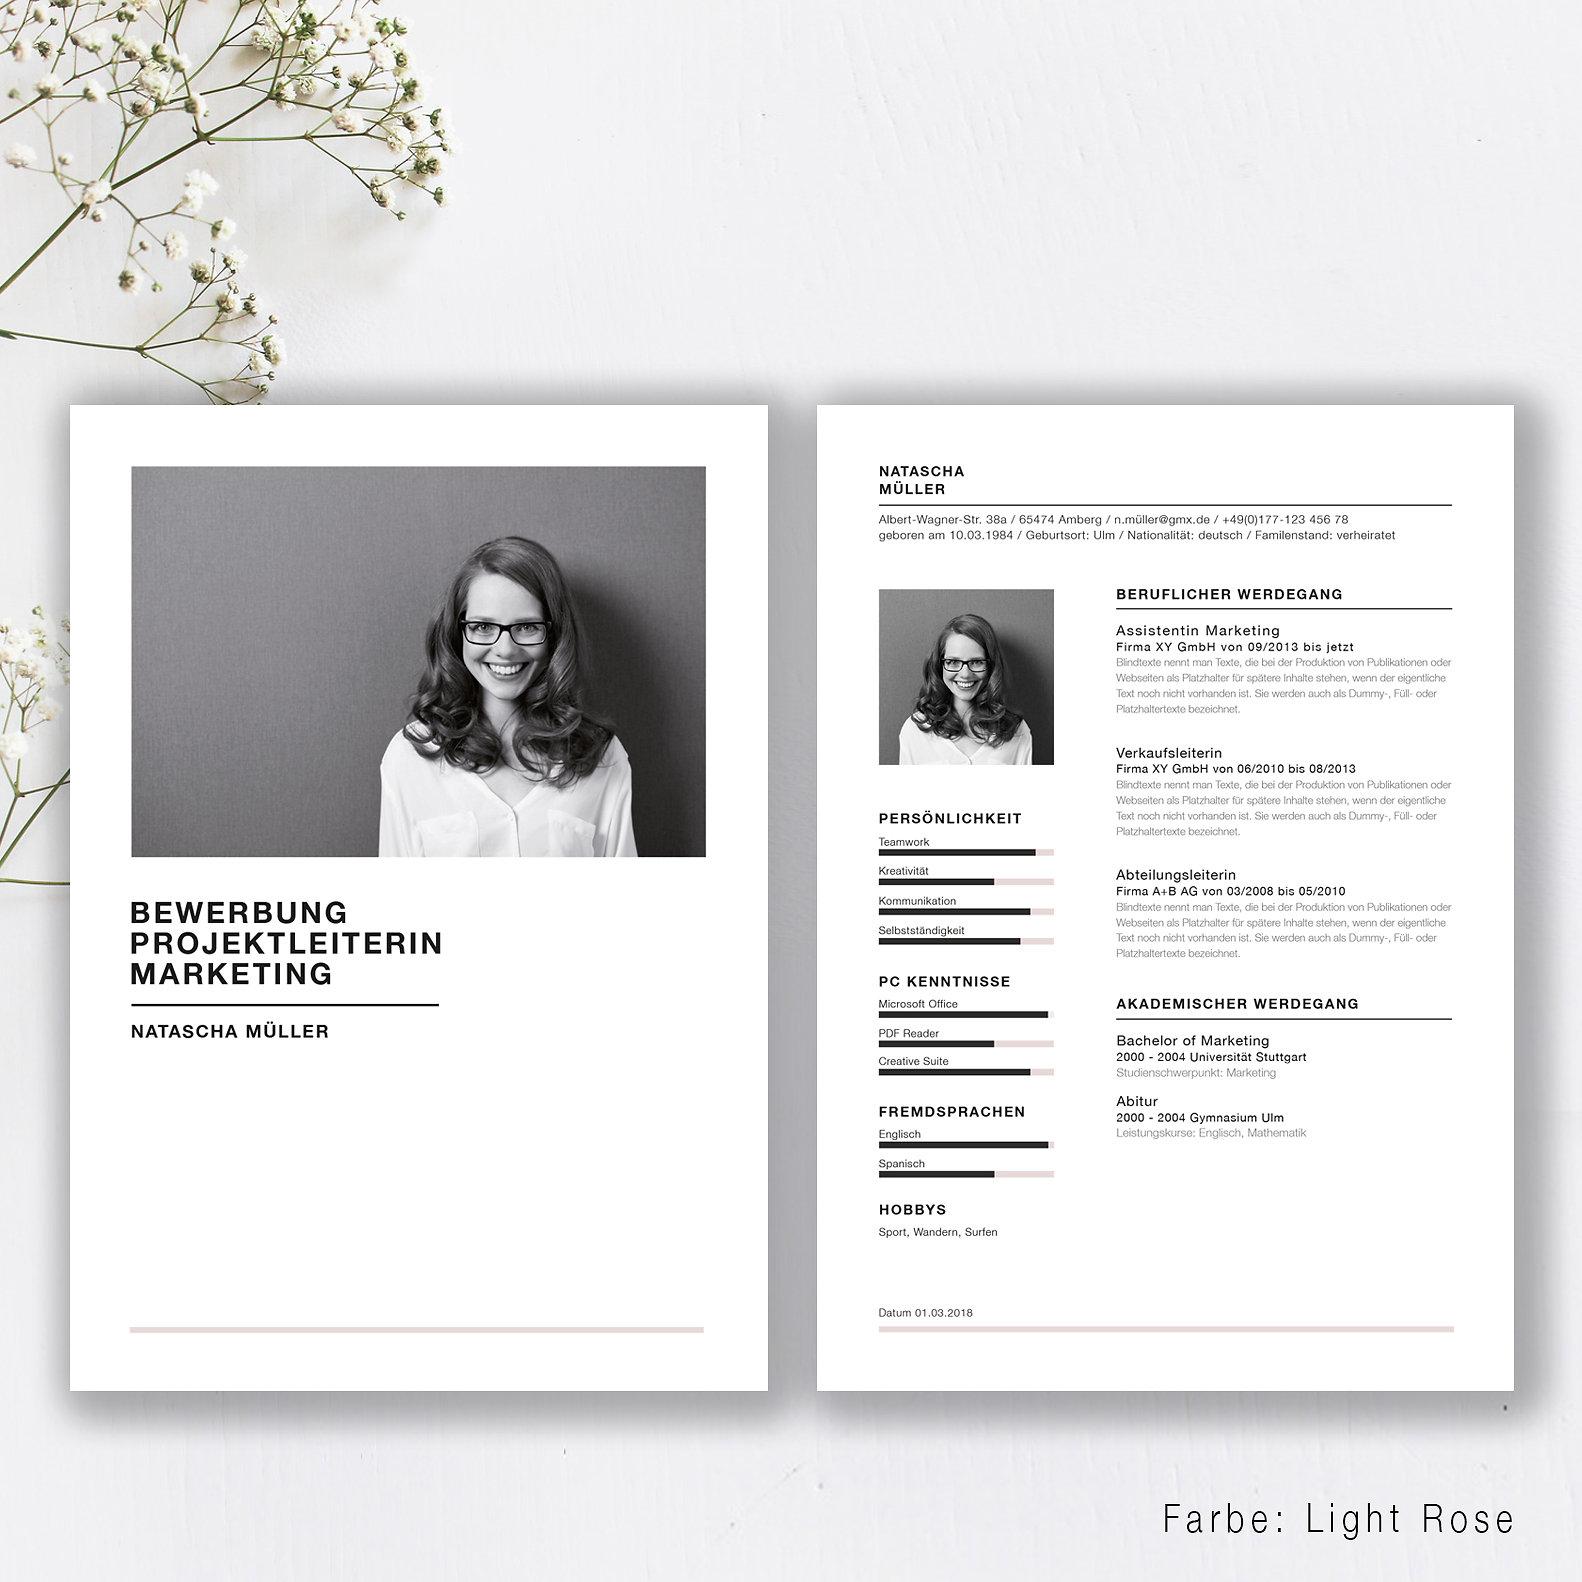 Tolle Vorlagen Für Persönliche Website Fotos - Beispiel ...